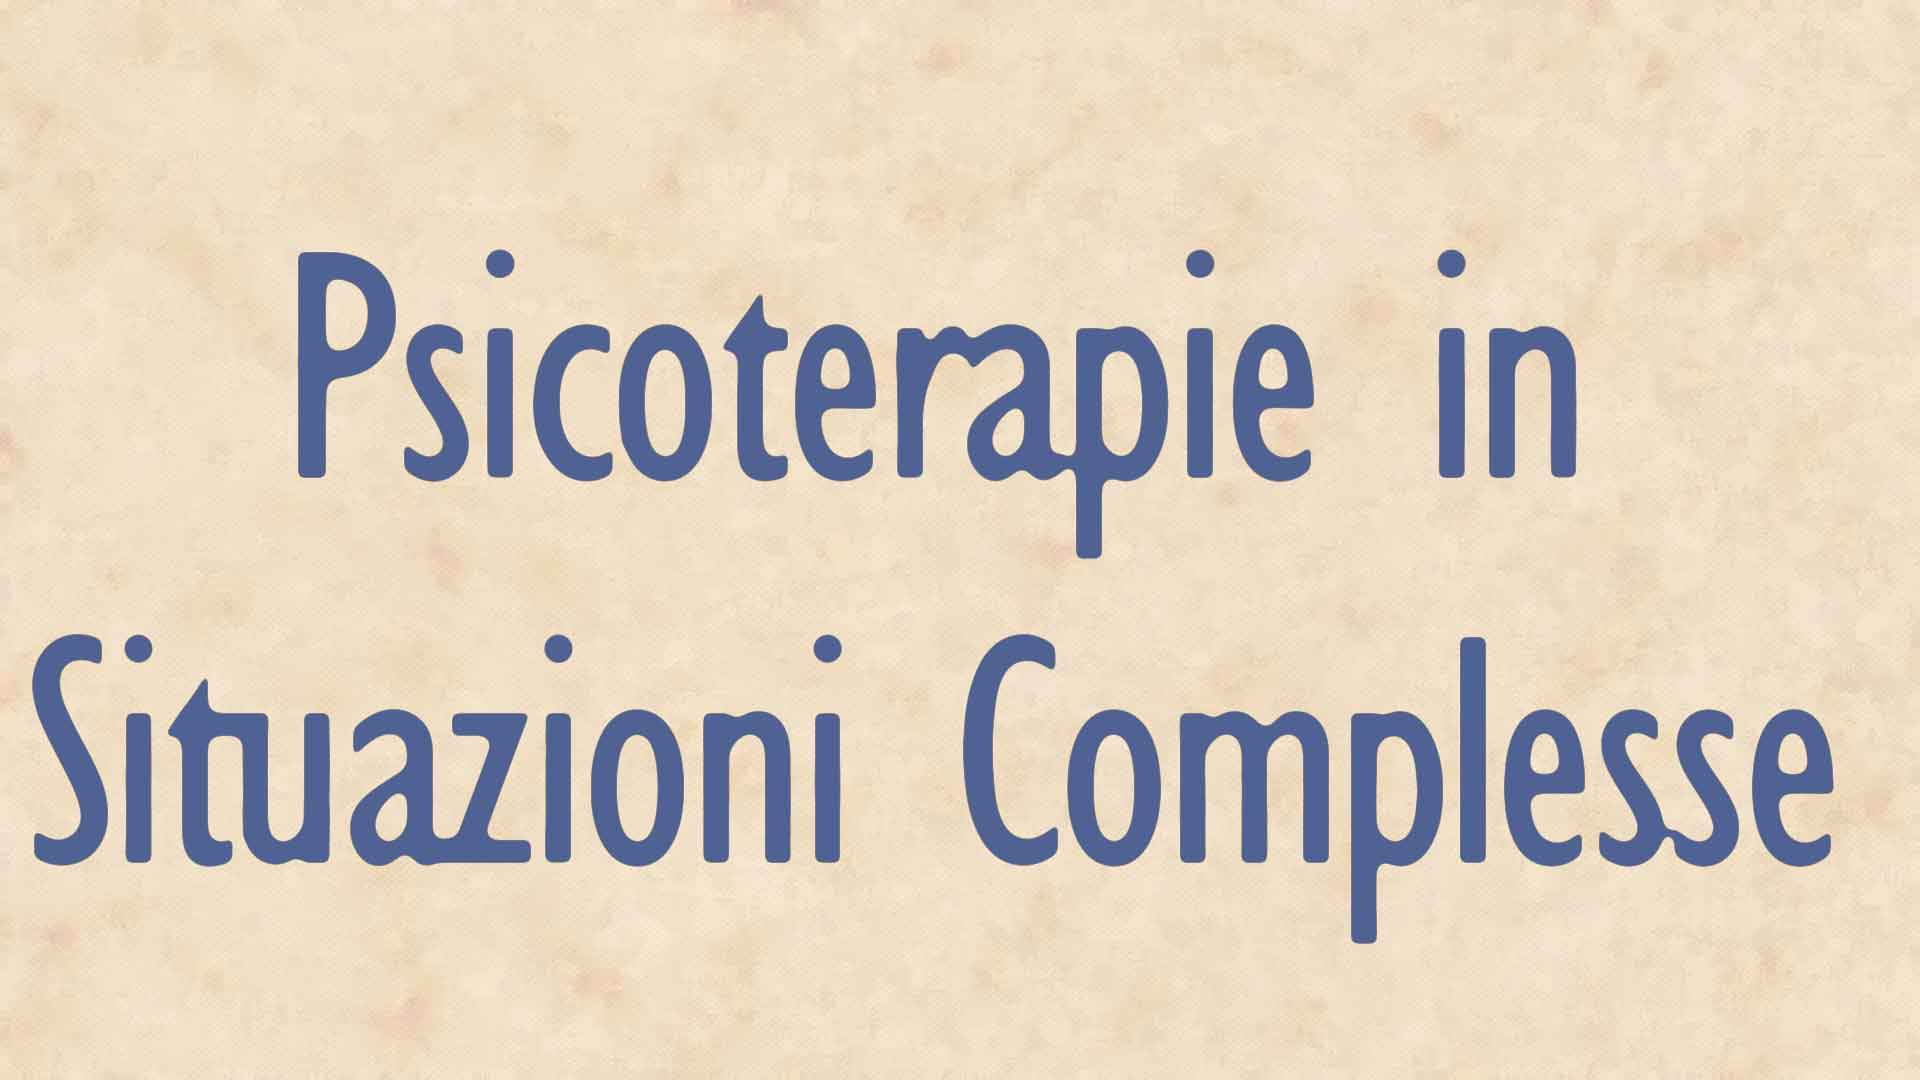 psicoterapie in situazioni complesse